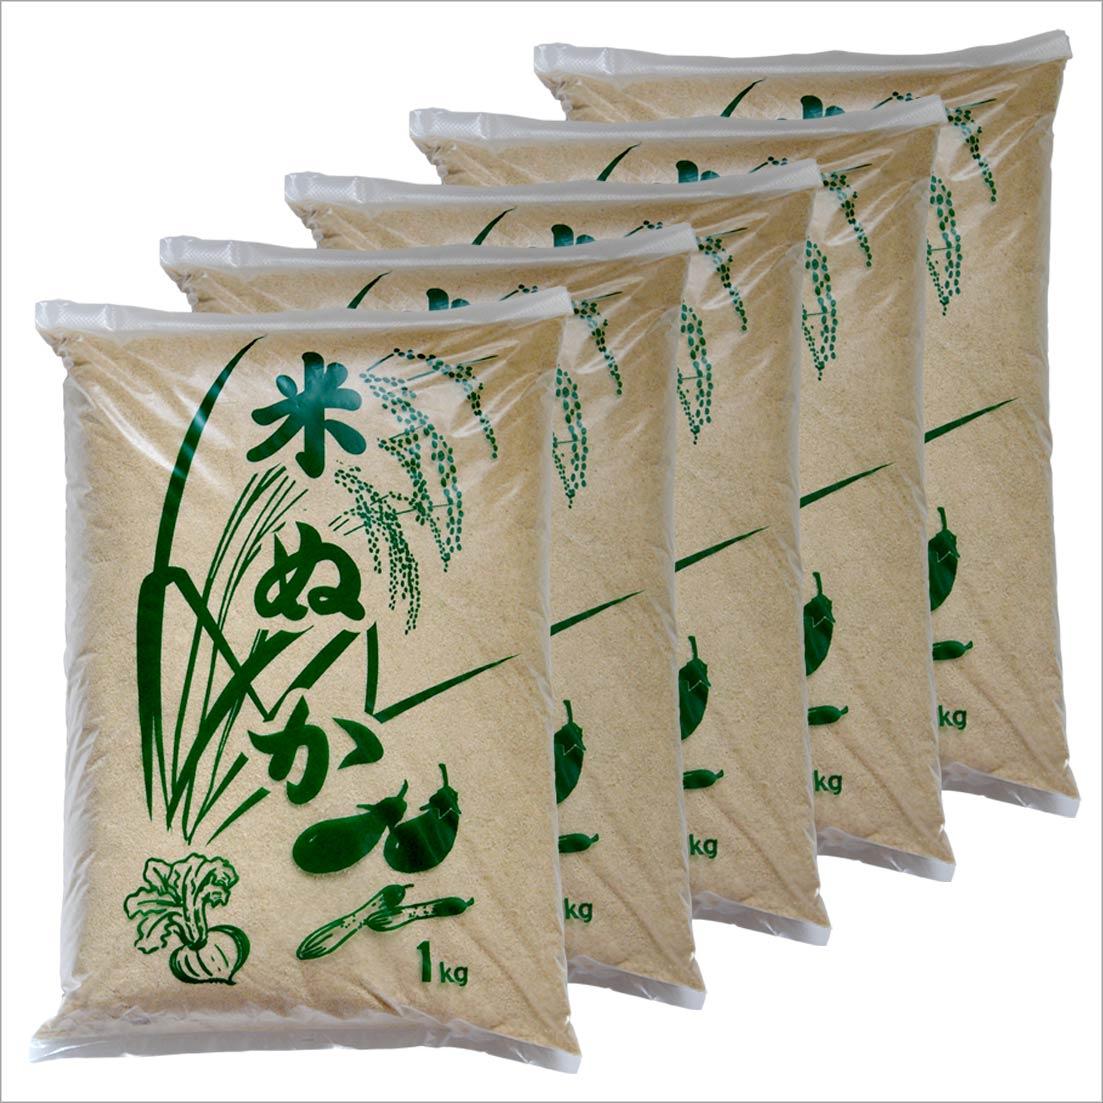 丹波 米ぬか 1kg×5袋セット 糠 米糠 兵庫県